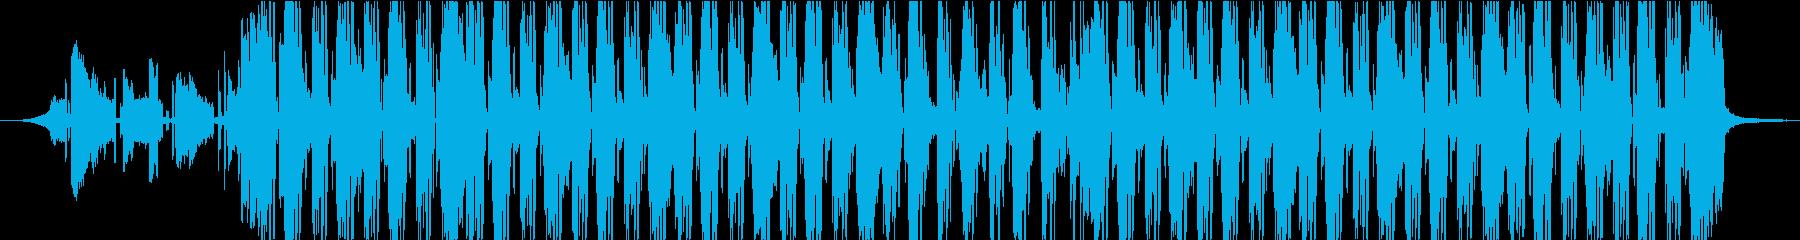 Funk Hip-Hop Musicの再生済みの波形